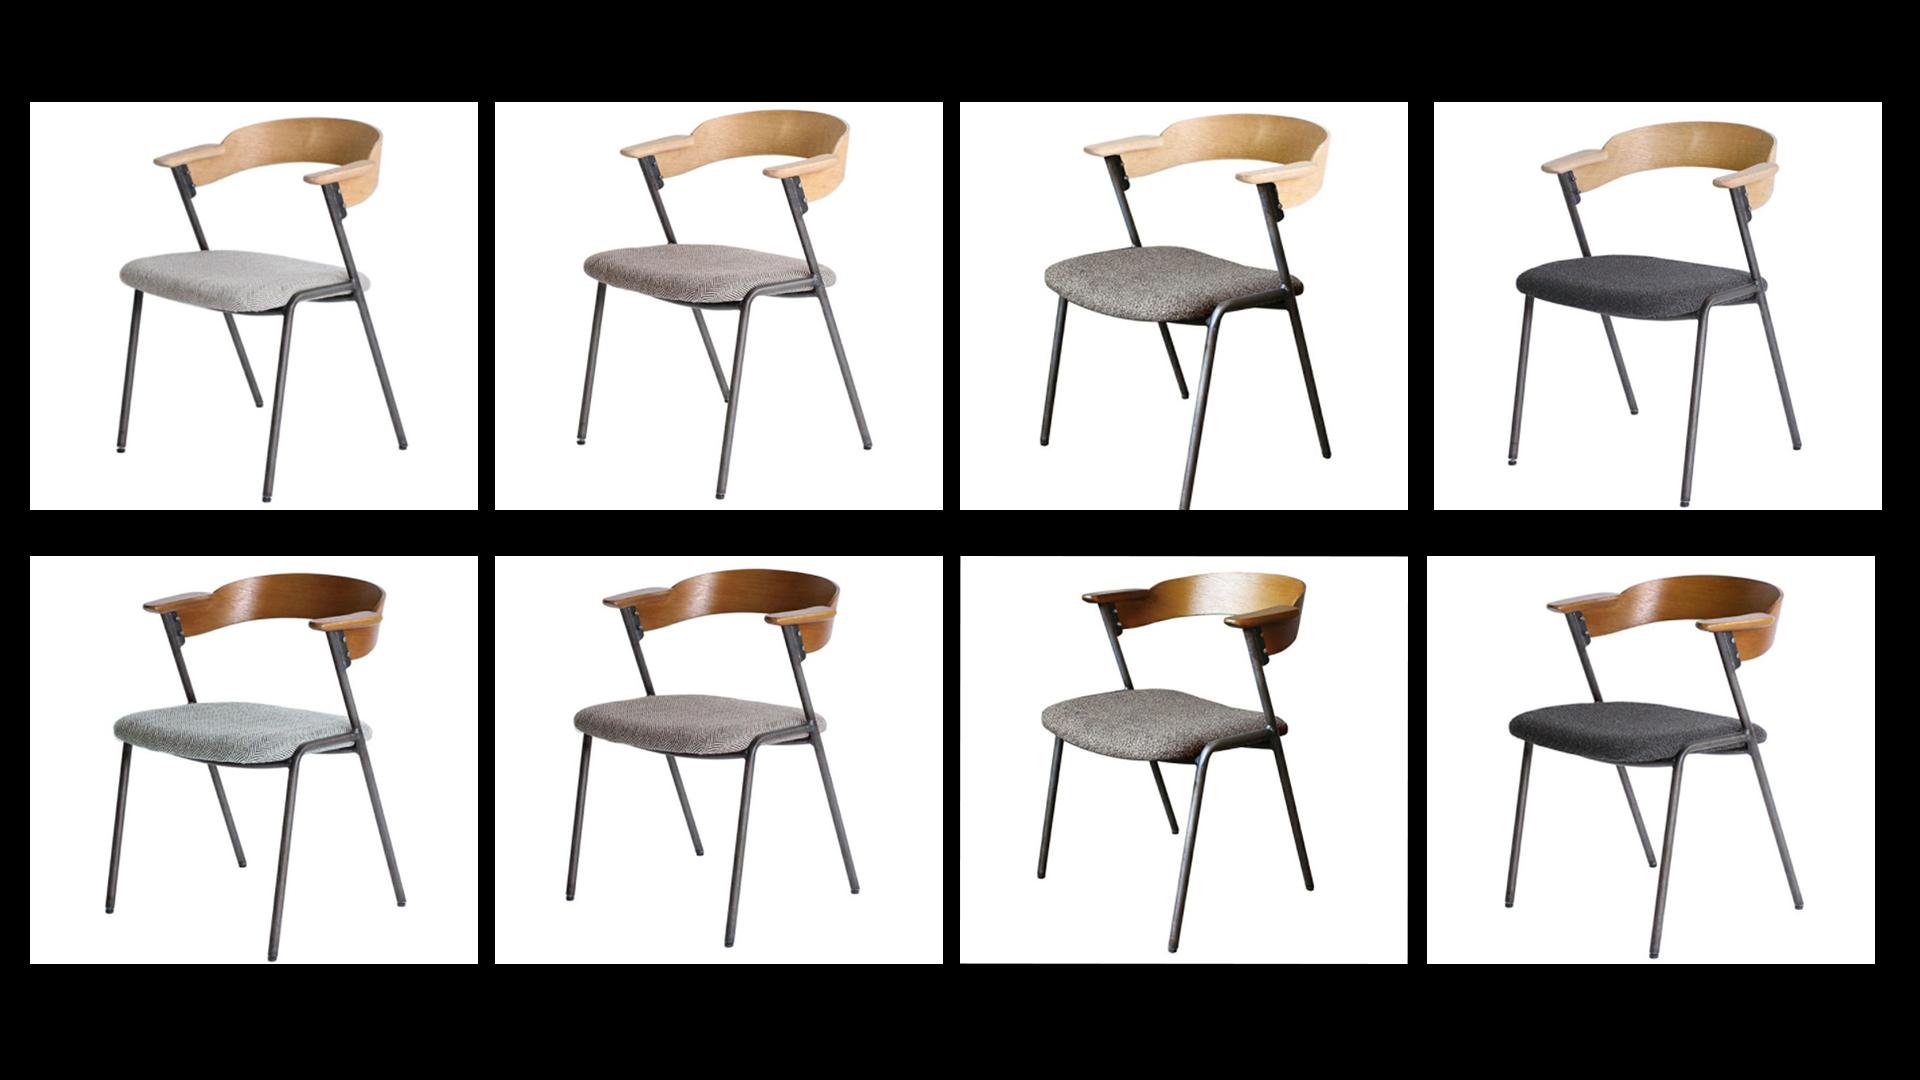 アデペシュのダニス・ショートアームチェアのすべての種類が揃った画像